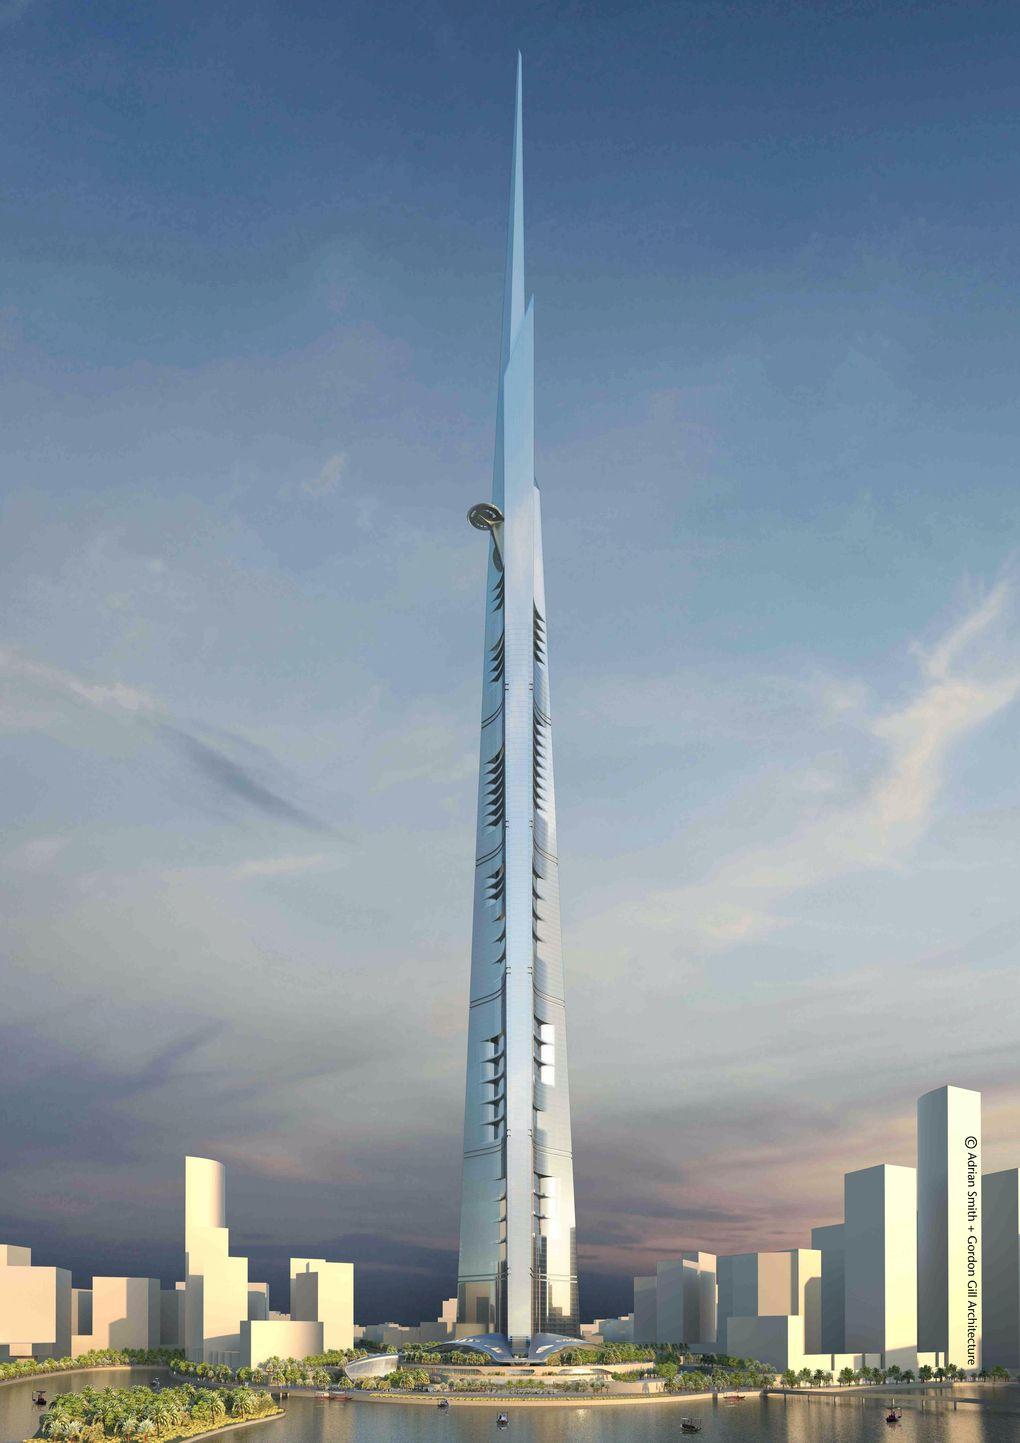 В Саудовской Аравии построят самое высокое здание в мире - 9